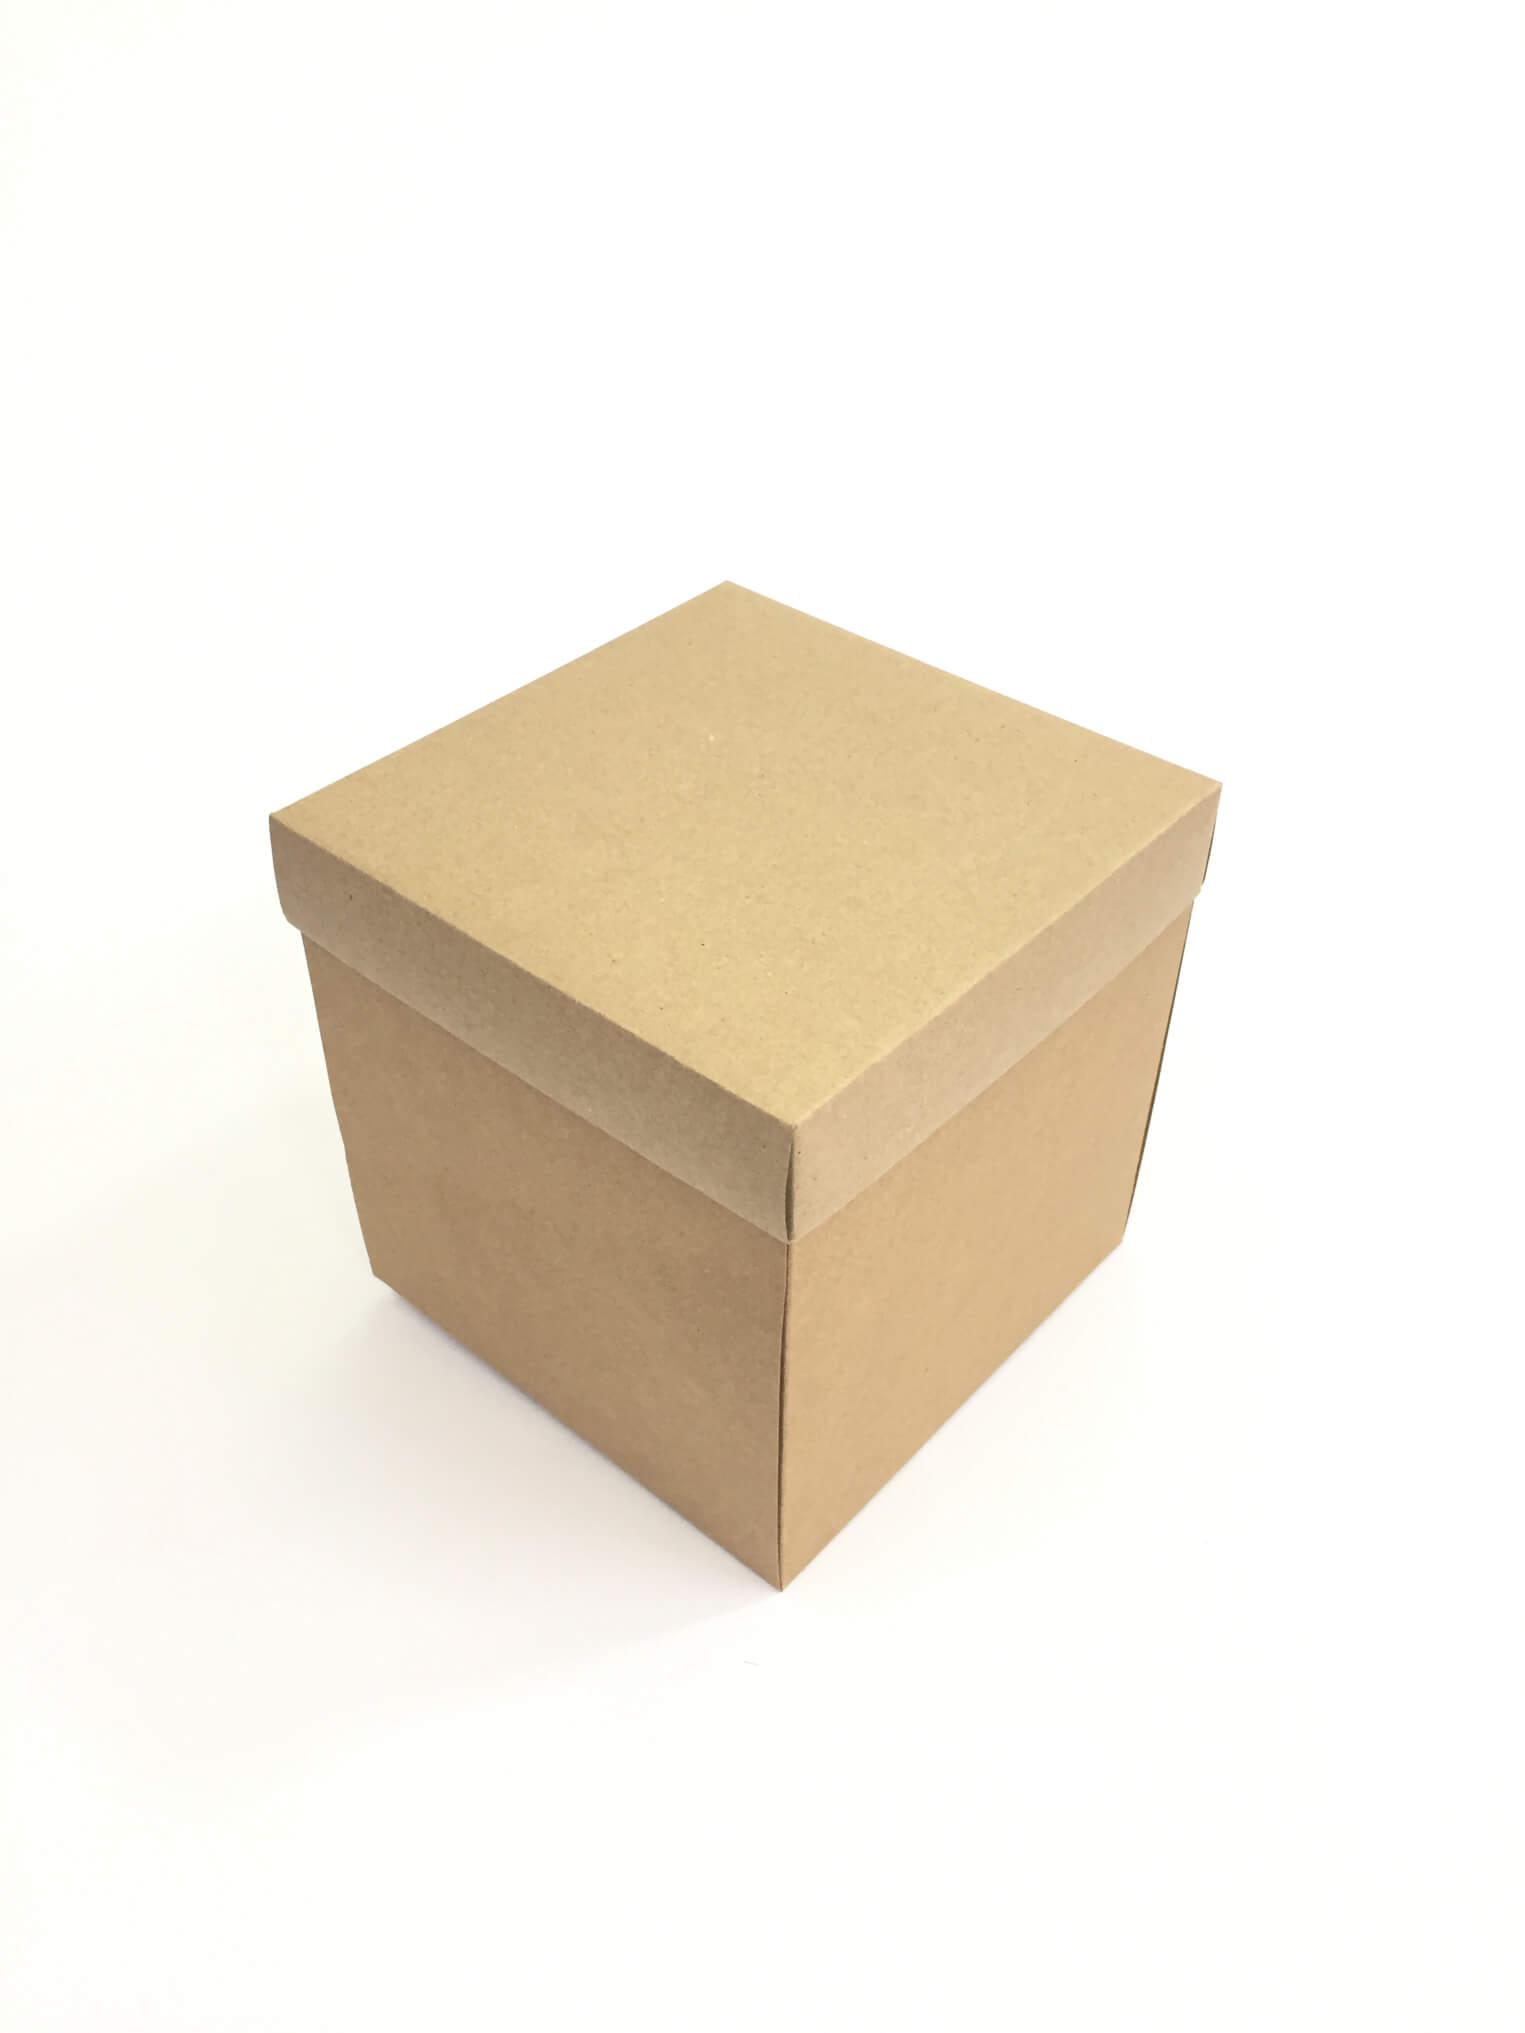 15x15x15 Hediyelik Kraft, Karton Kutular